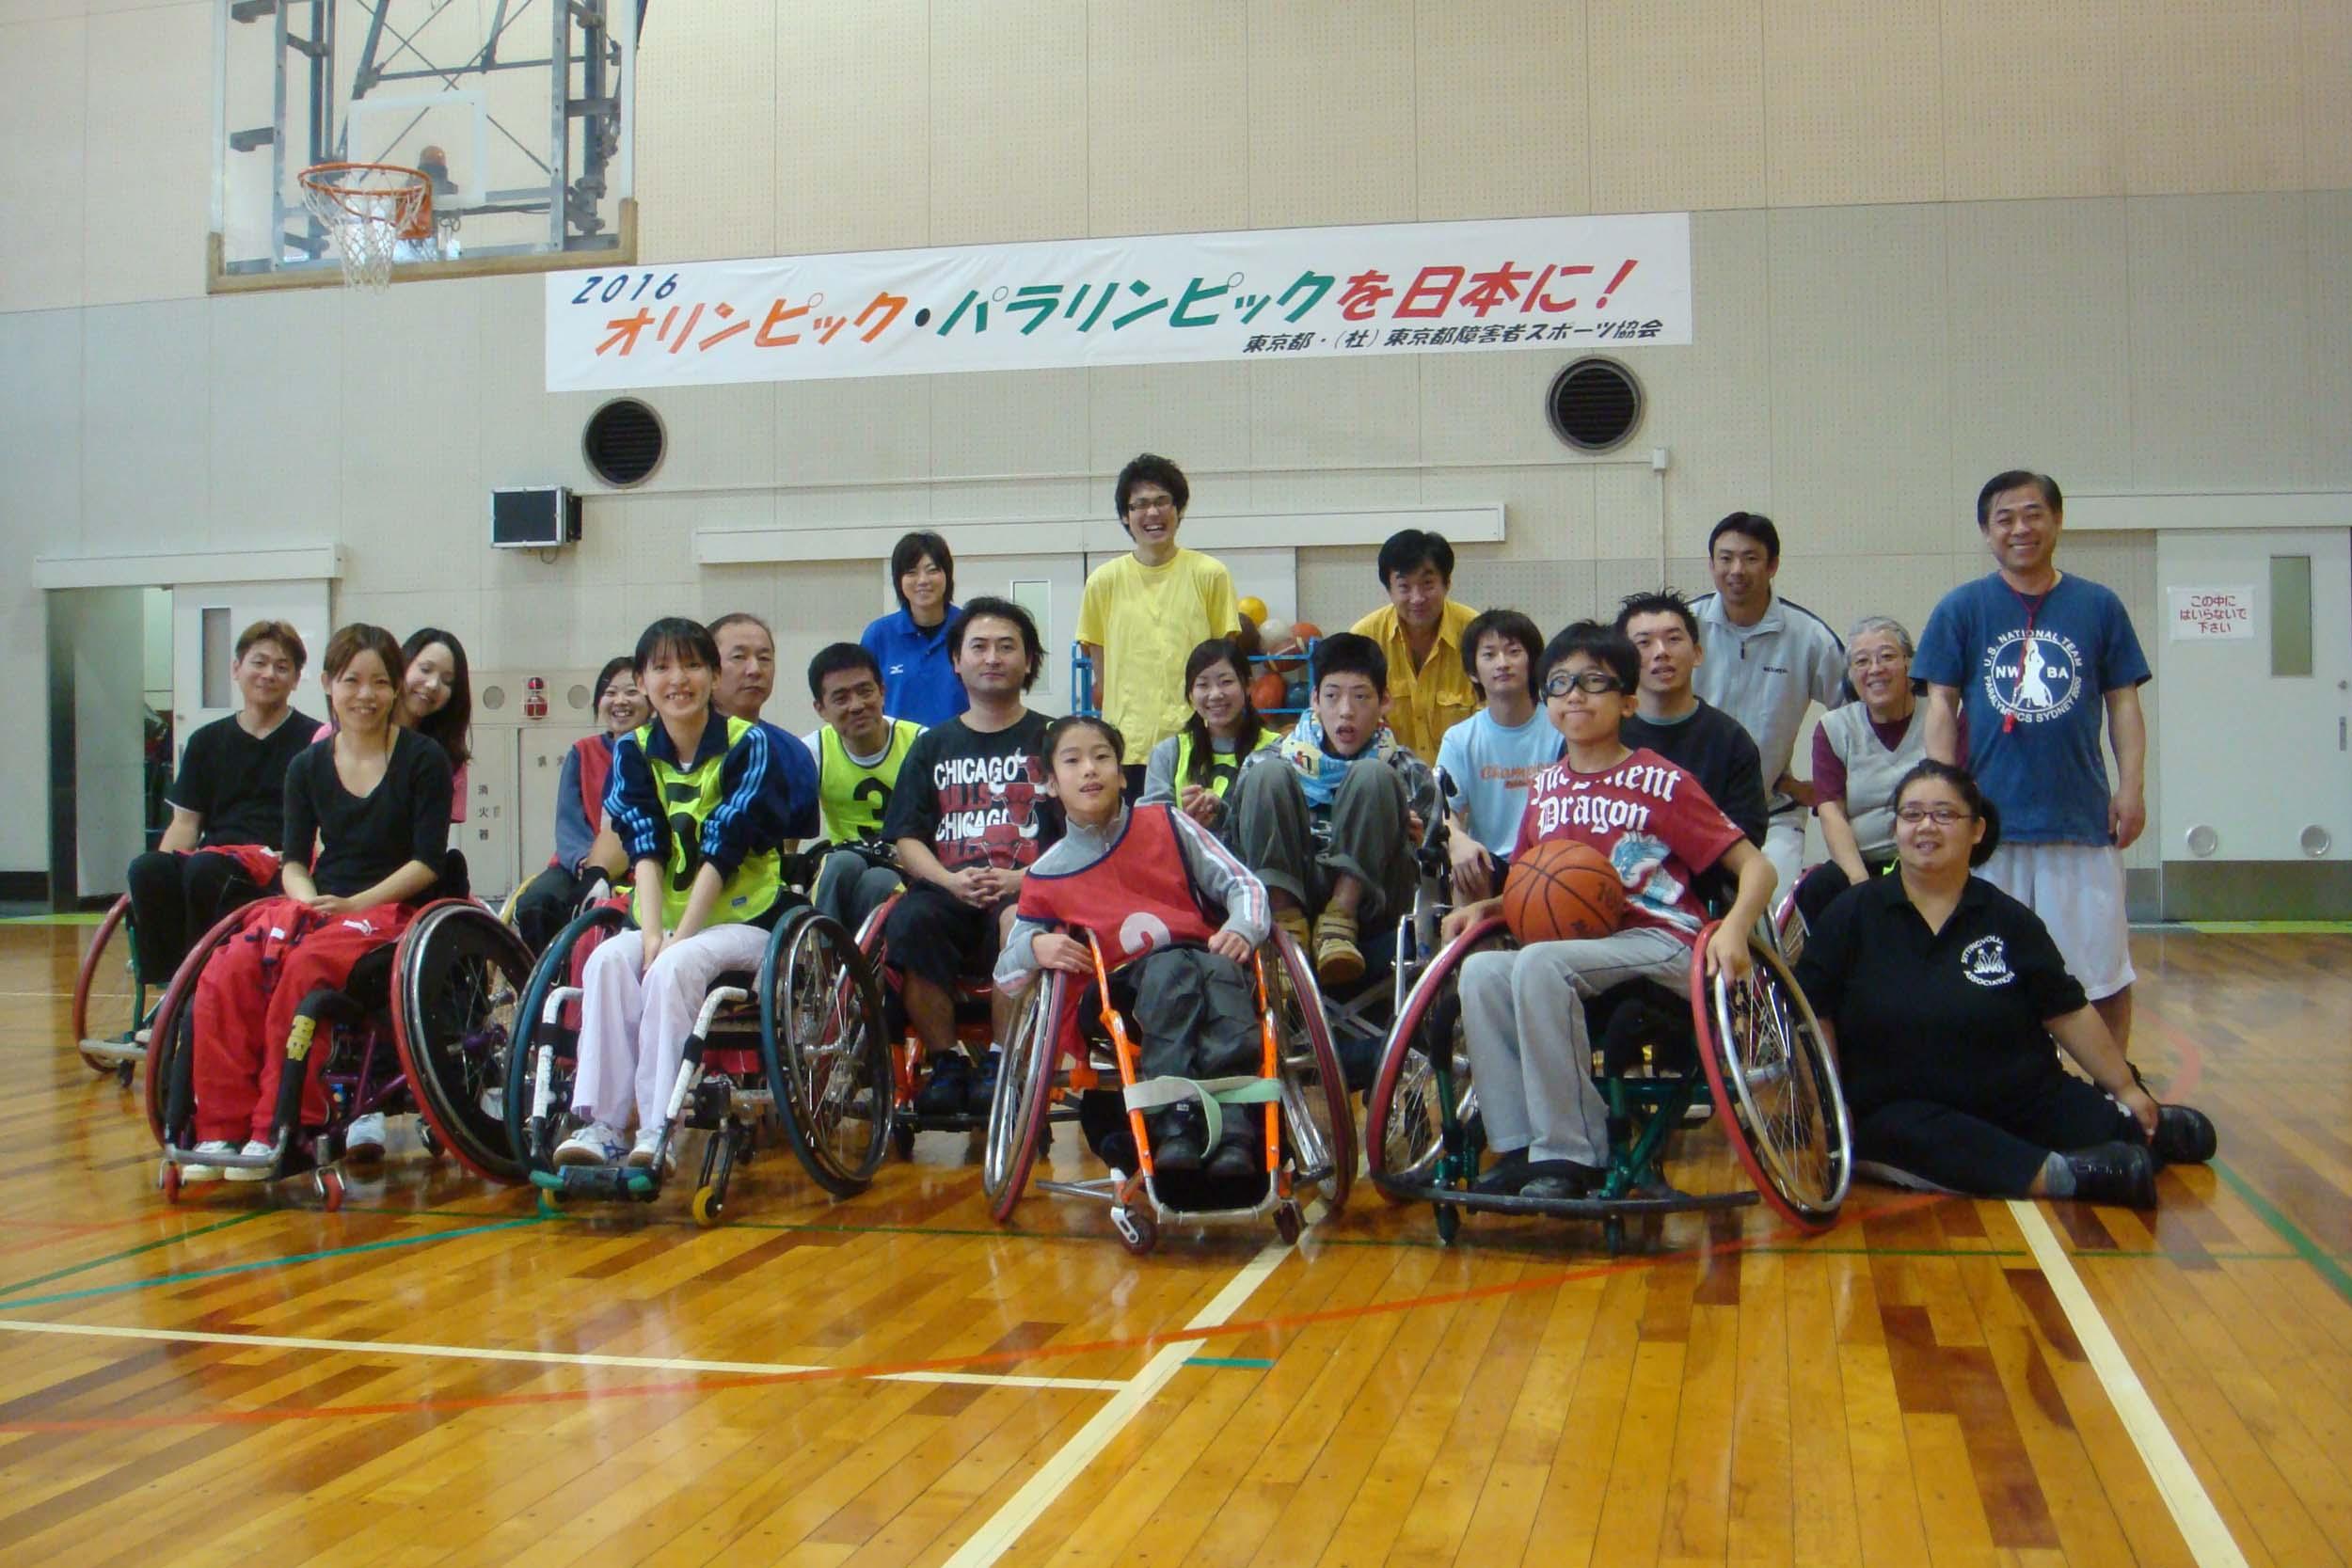 syuugoisyasinn - レッツ車椅子バスケより・・・車椅子バスケットボールに挑戦!